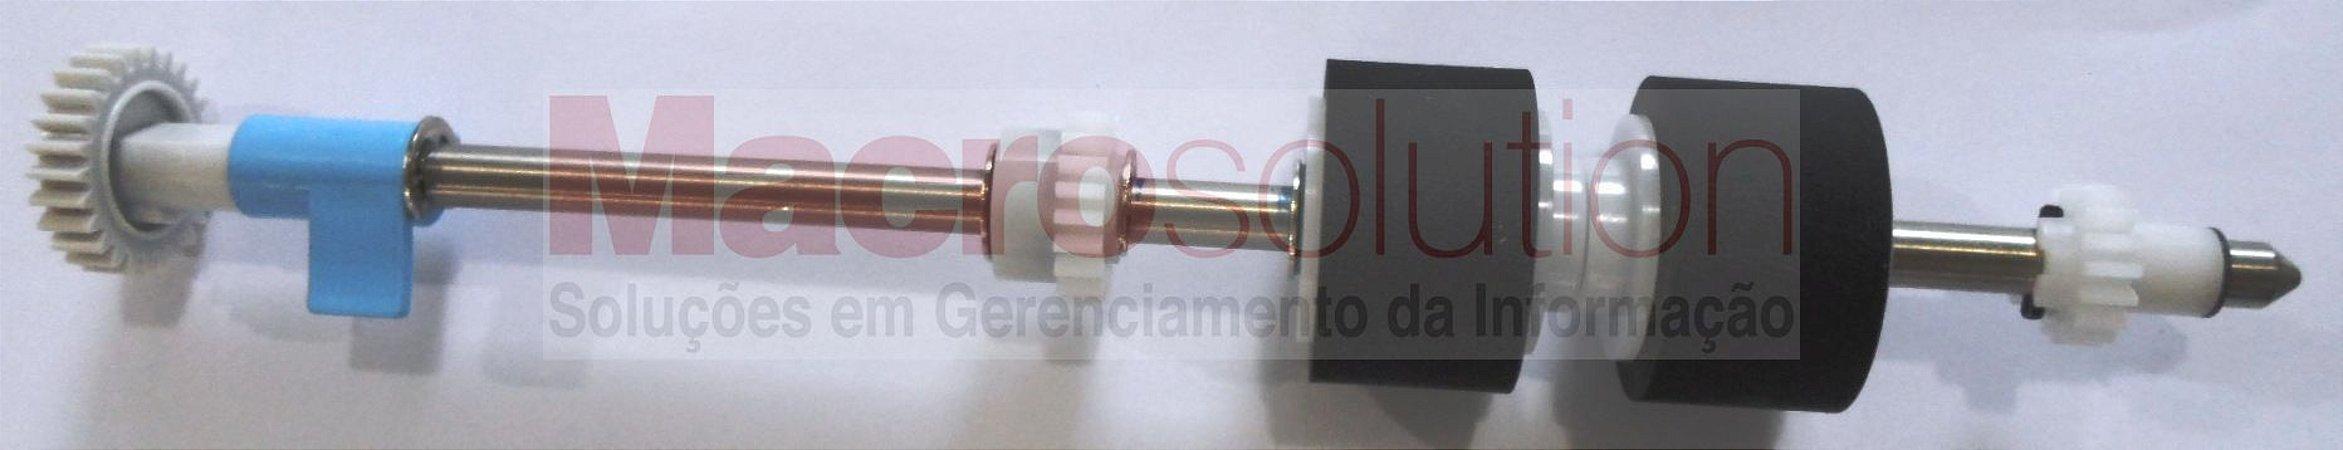 002-7005-0-SP - ADF Roller - Scanner AD240